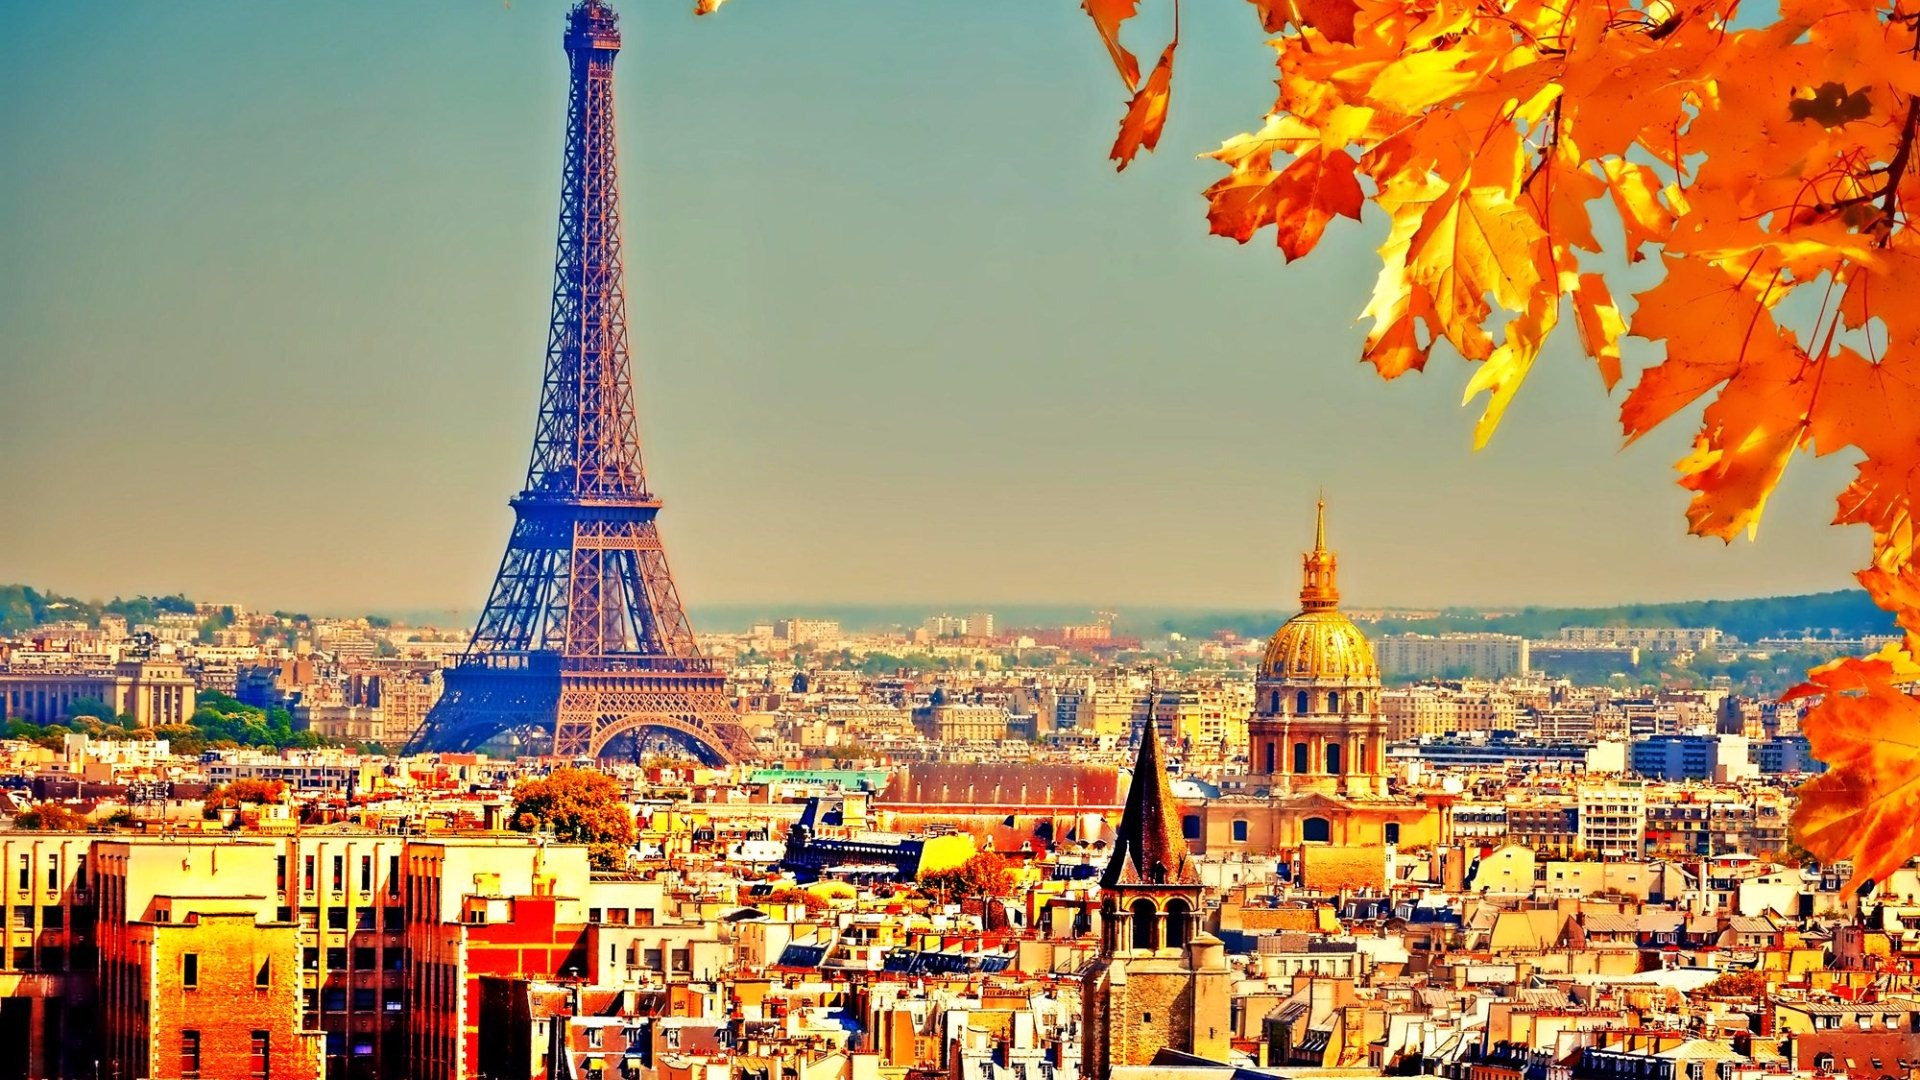 Kurban Bayramı FLASH PROMOSYON BENELUX & PARIS PARİS (3) – BRÜKSEL (1) - AMSTERDAM (2) – LÜKSEMBURG (1) – KÖLN Onur Havayolları ile 12 Eylül 2016 Hareket... 7 Gece  (Paris Gidiş – Düseldorf Dönüş) Turu